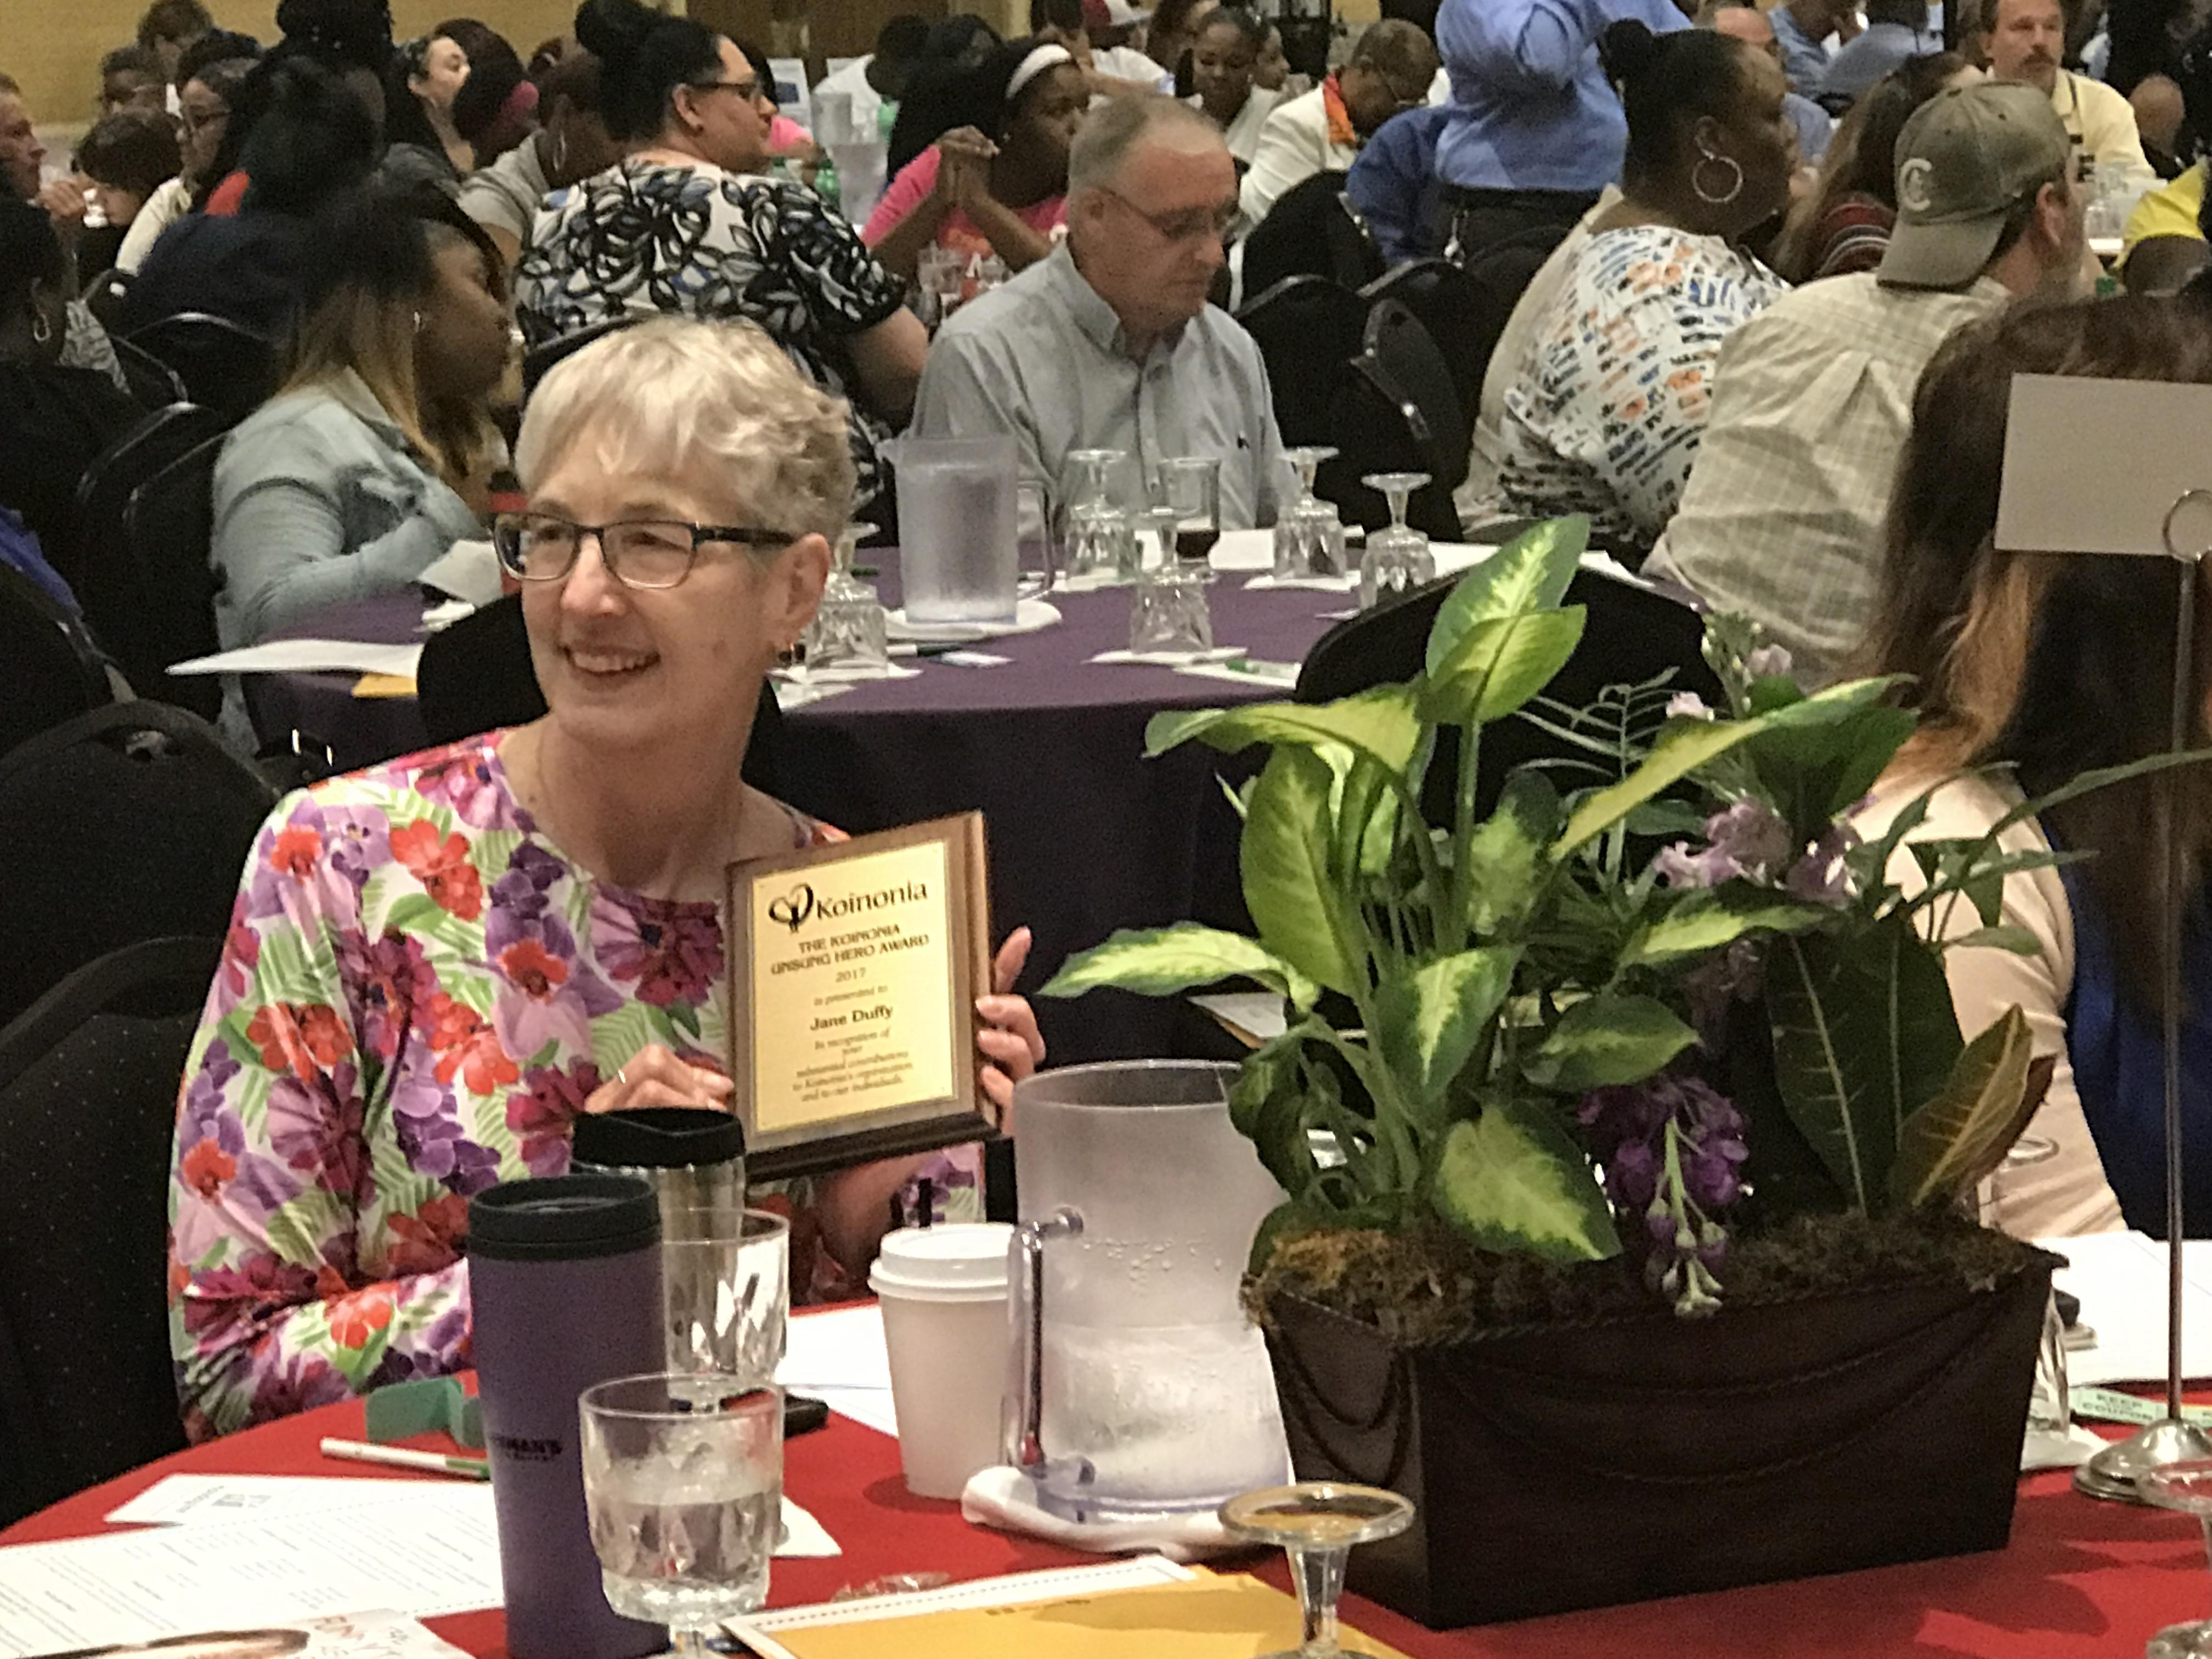 Jane Duffy Unsung Hero Award